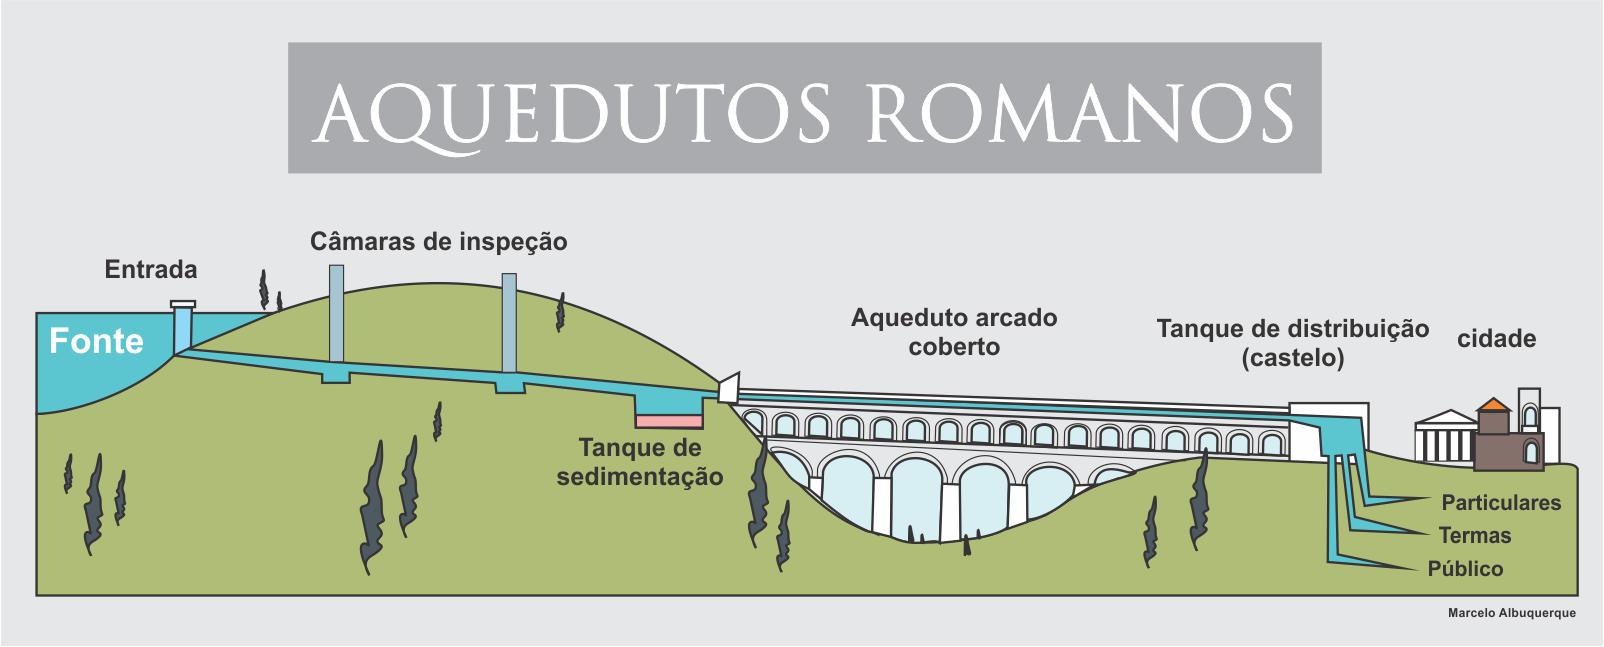 aquedutos romanos